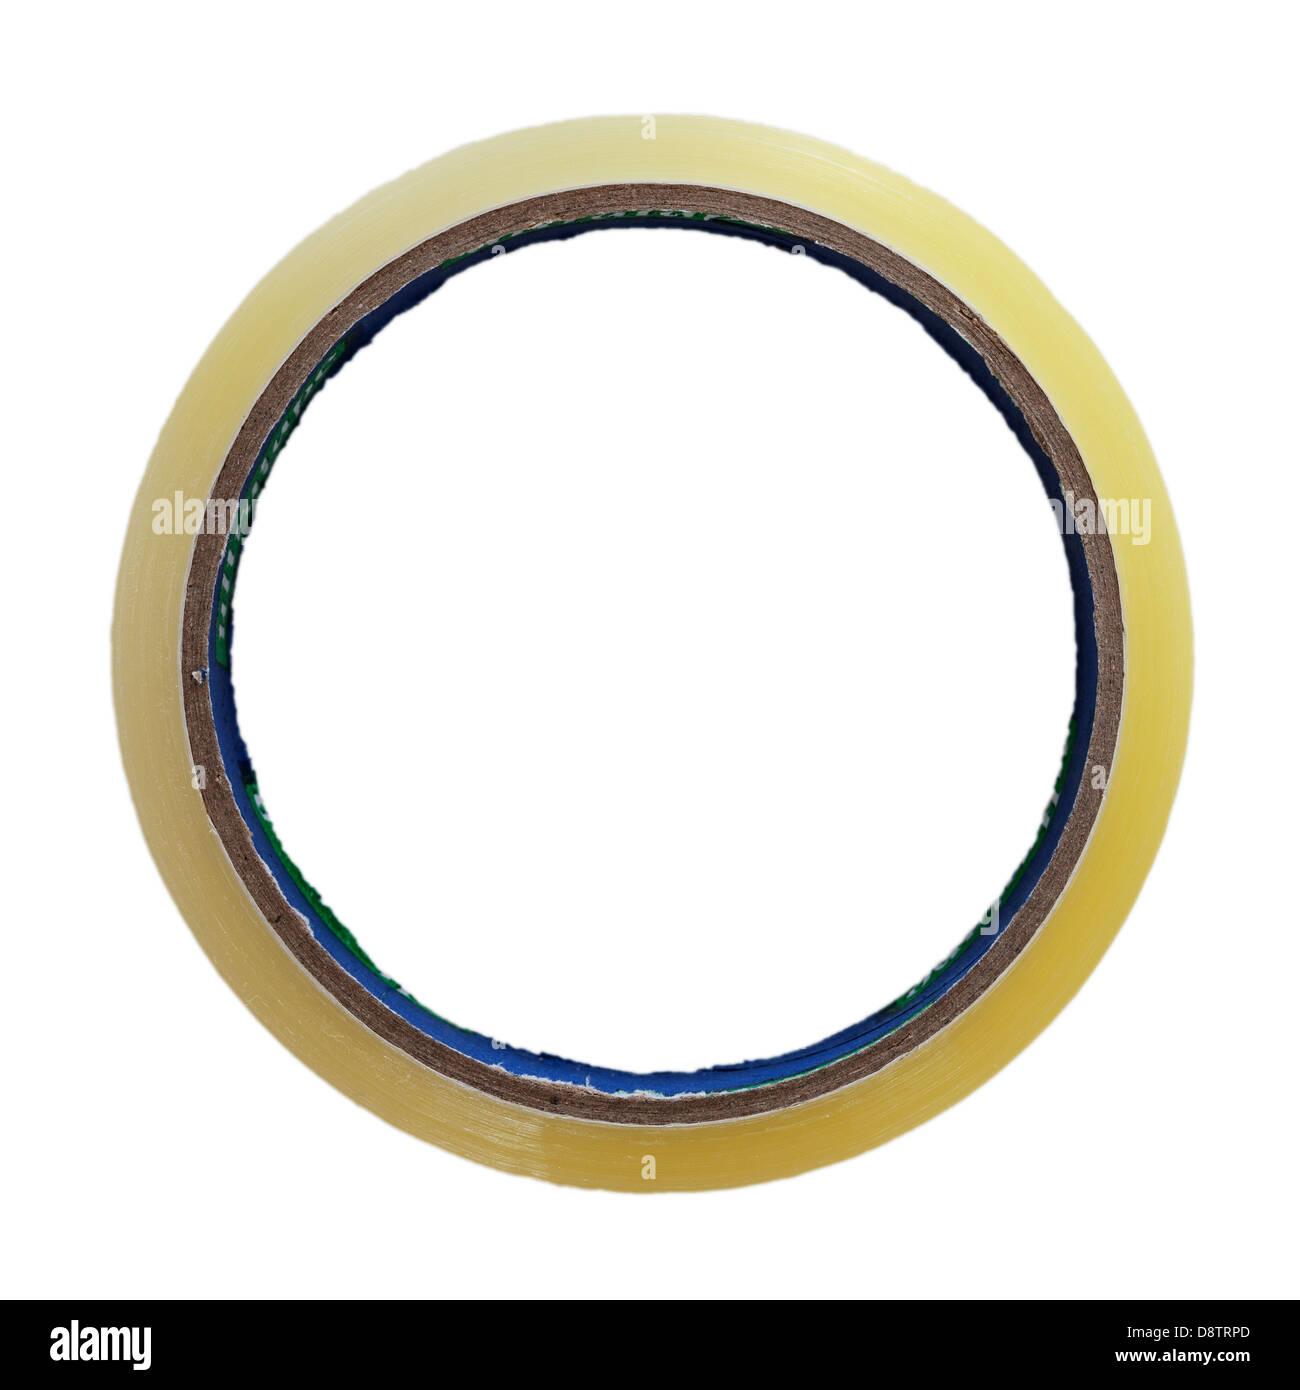 Eine Rolle Klebeband Cellotape auf weißem Hintergrund Stockbild